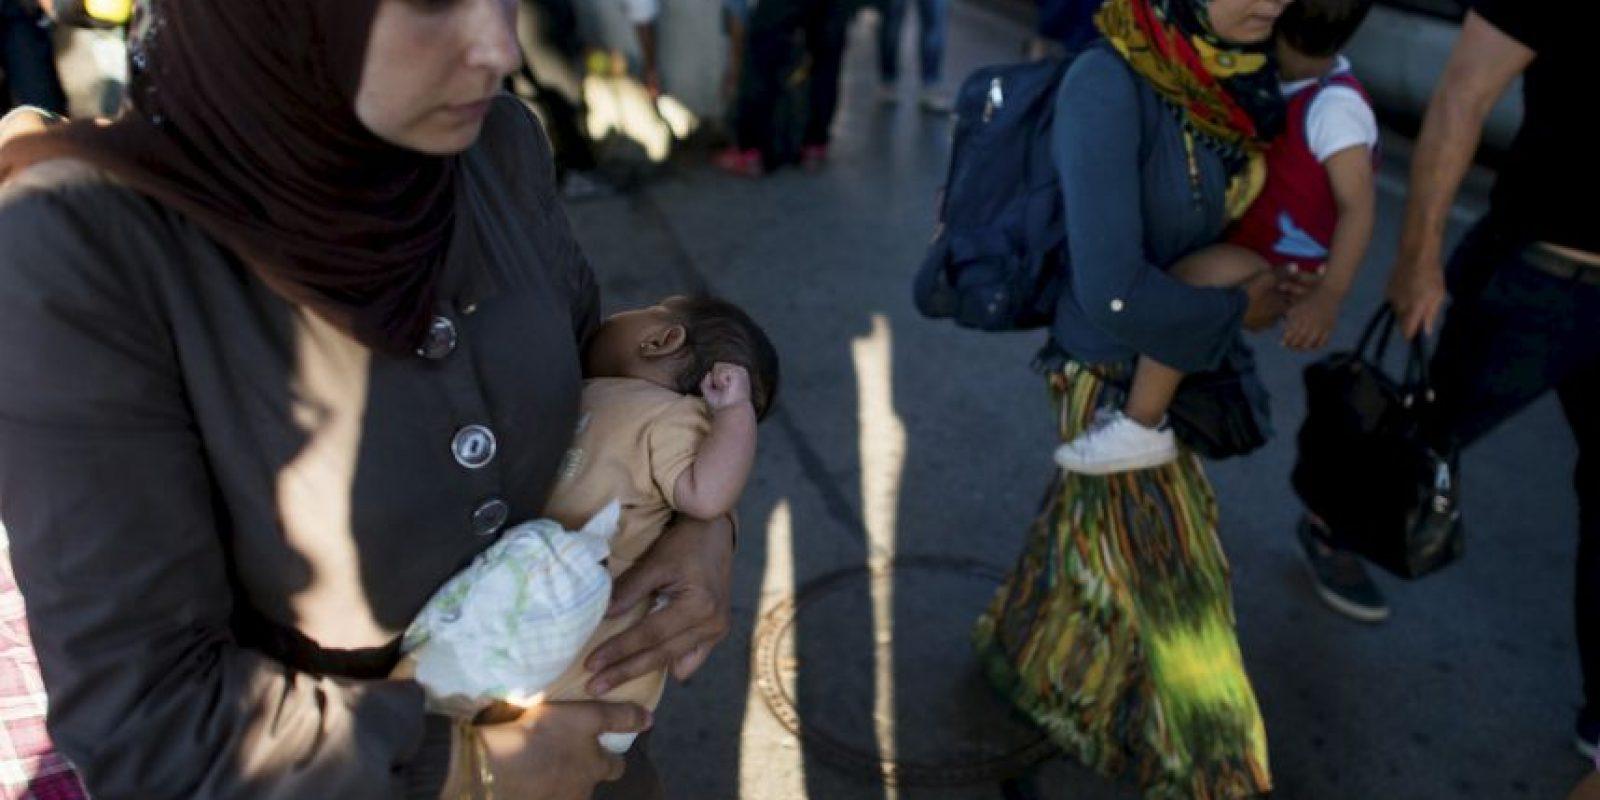 Mujeres cargan a sus hijos en estación del tren en Austria. Foto:AP